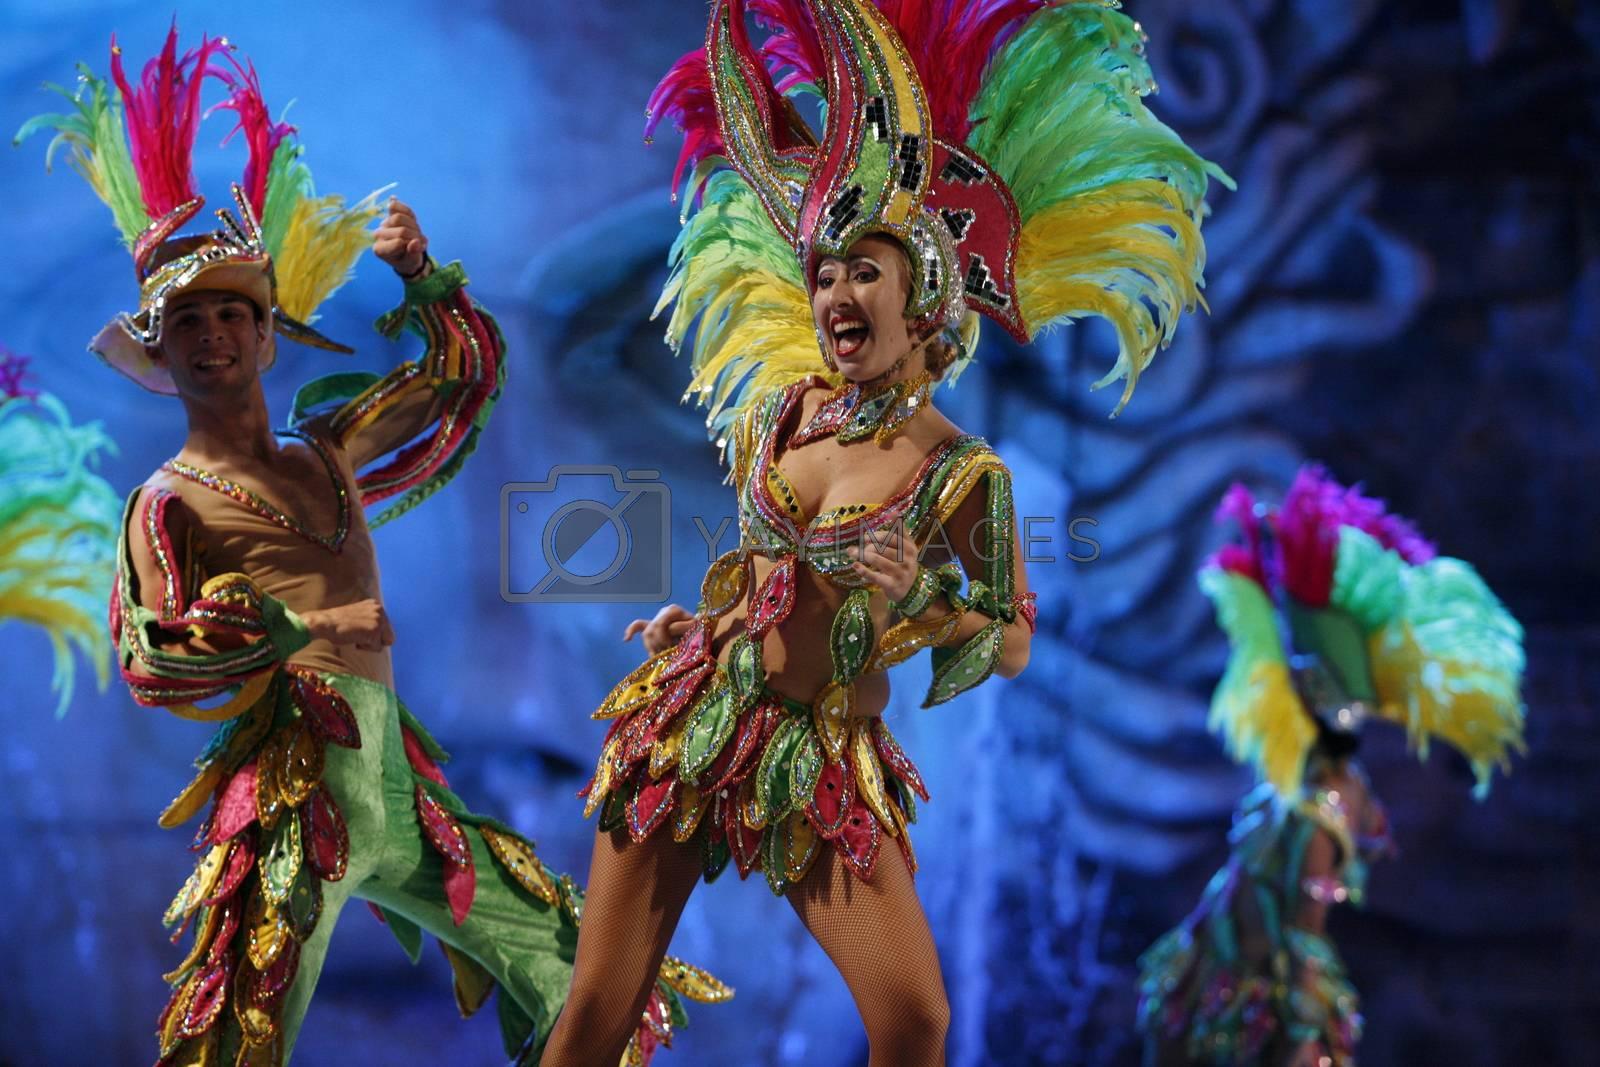 Eine Frau am Karneval von Las Palmas der Hauptstadt der insel Gran Canaria auf den Kanarischen Inseln im Atlantischen Ozean, Spanien.